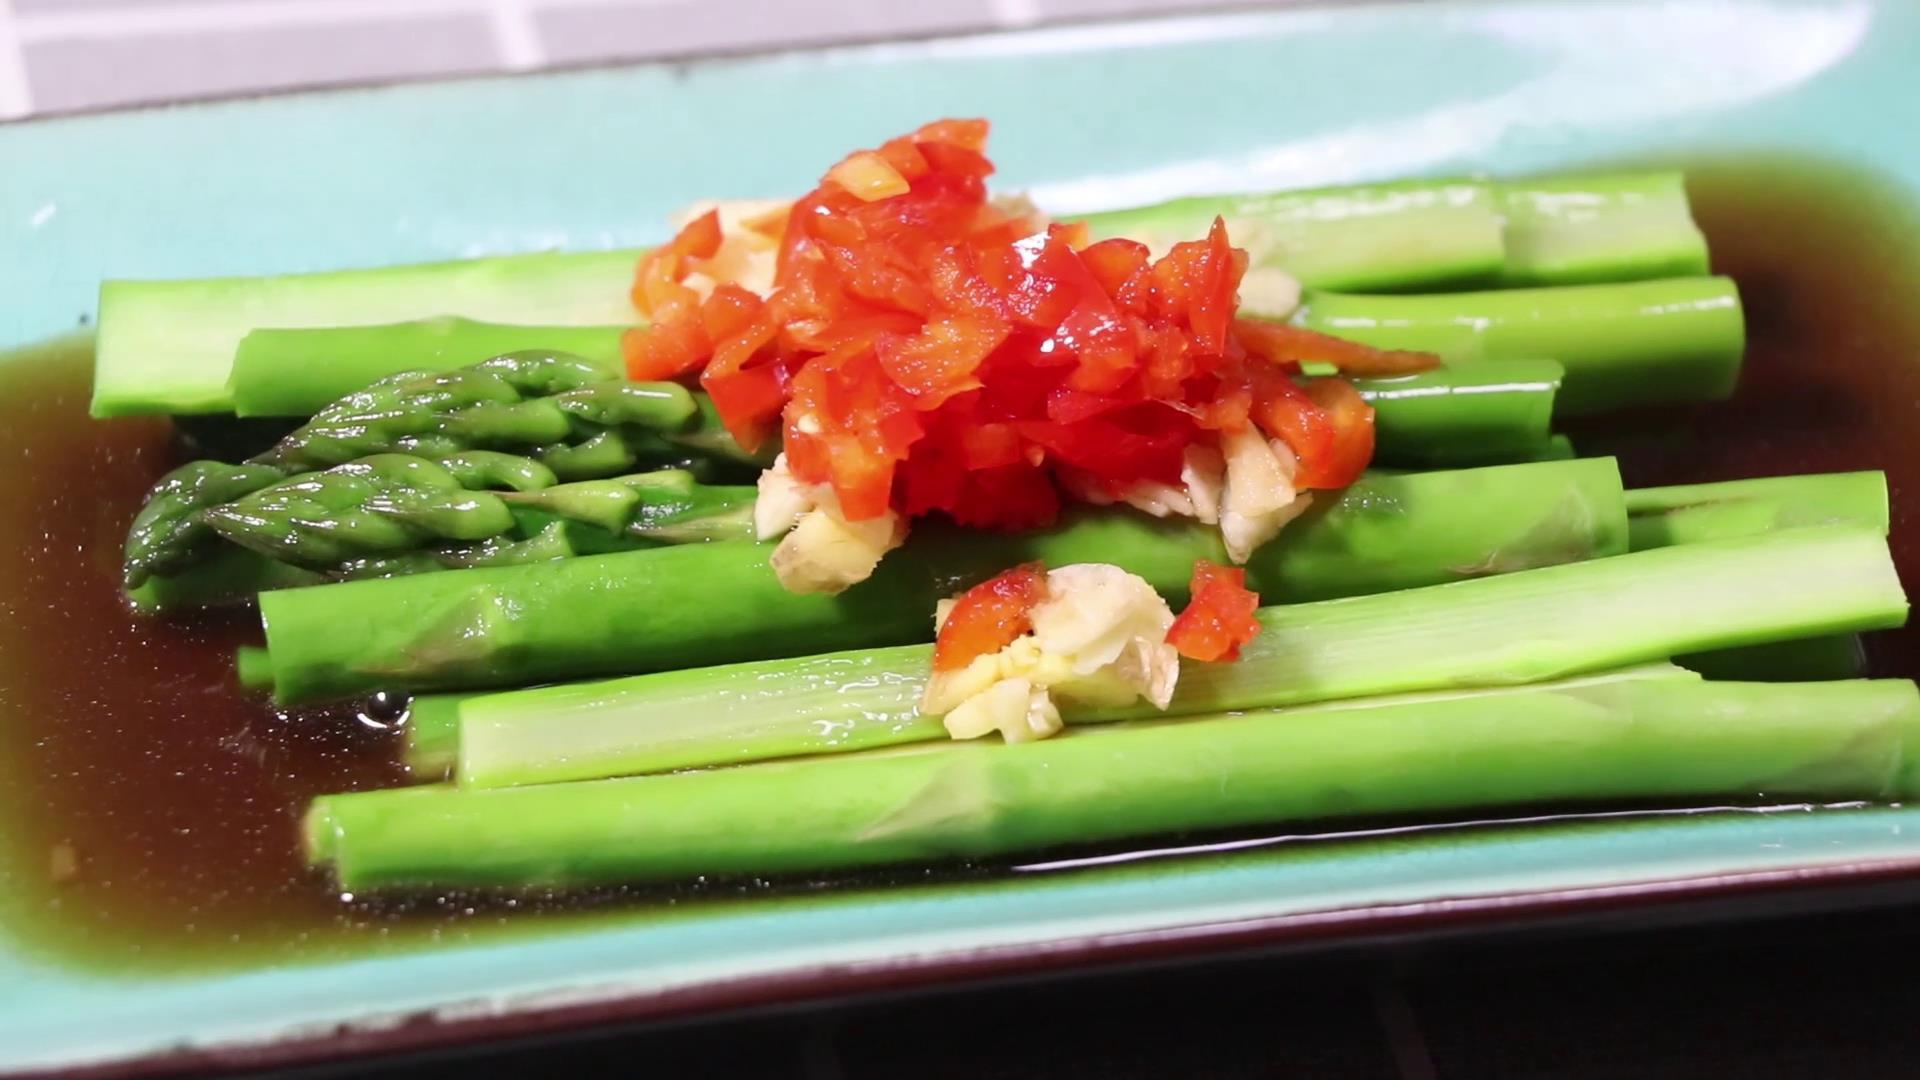 芦笋怎么做最好吃?学会白灼芦笋这种做法,掌握一个技巧就够了